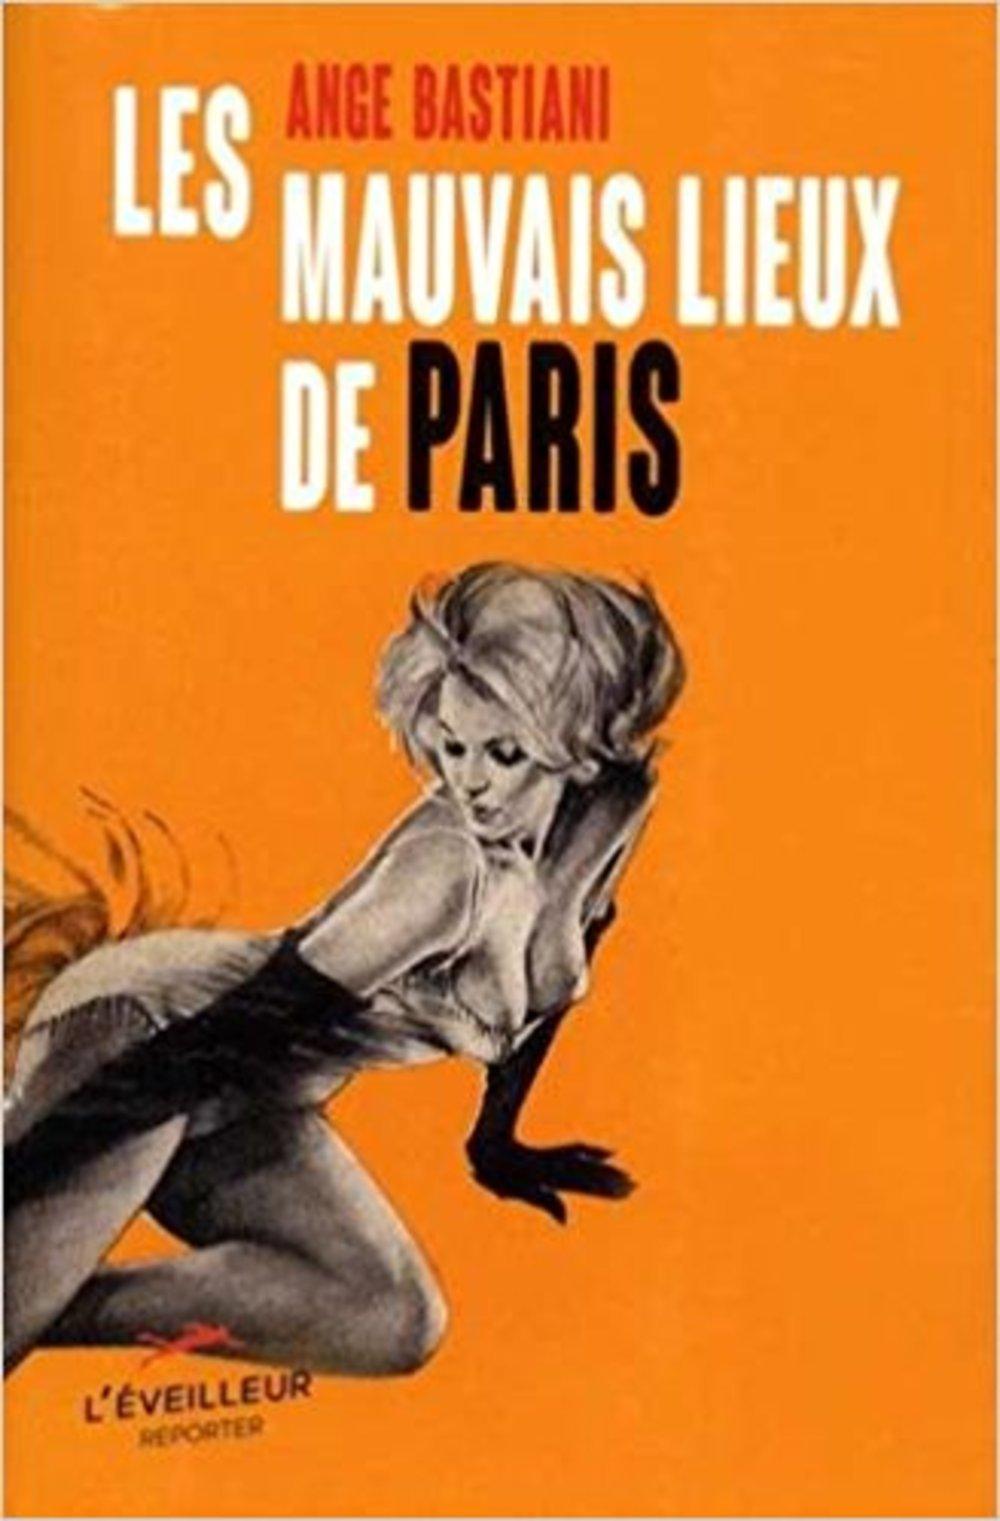 Paris - Página 6 71hJuzX5qSL